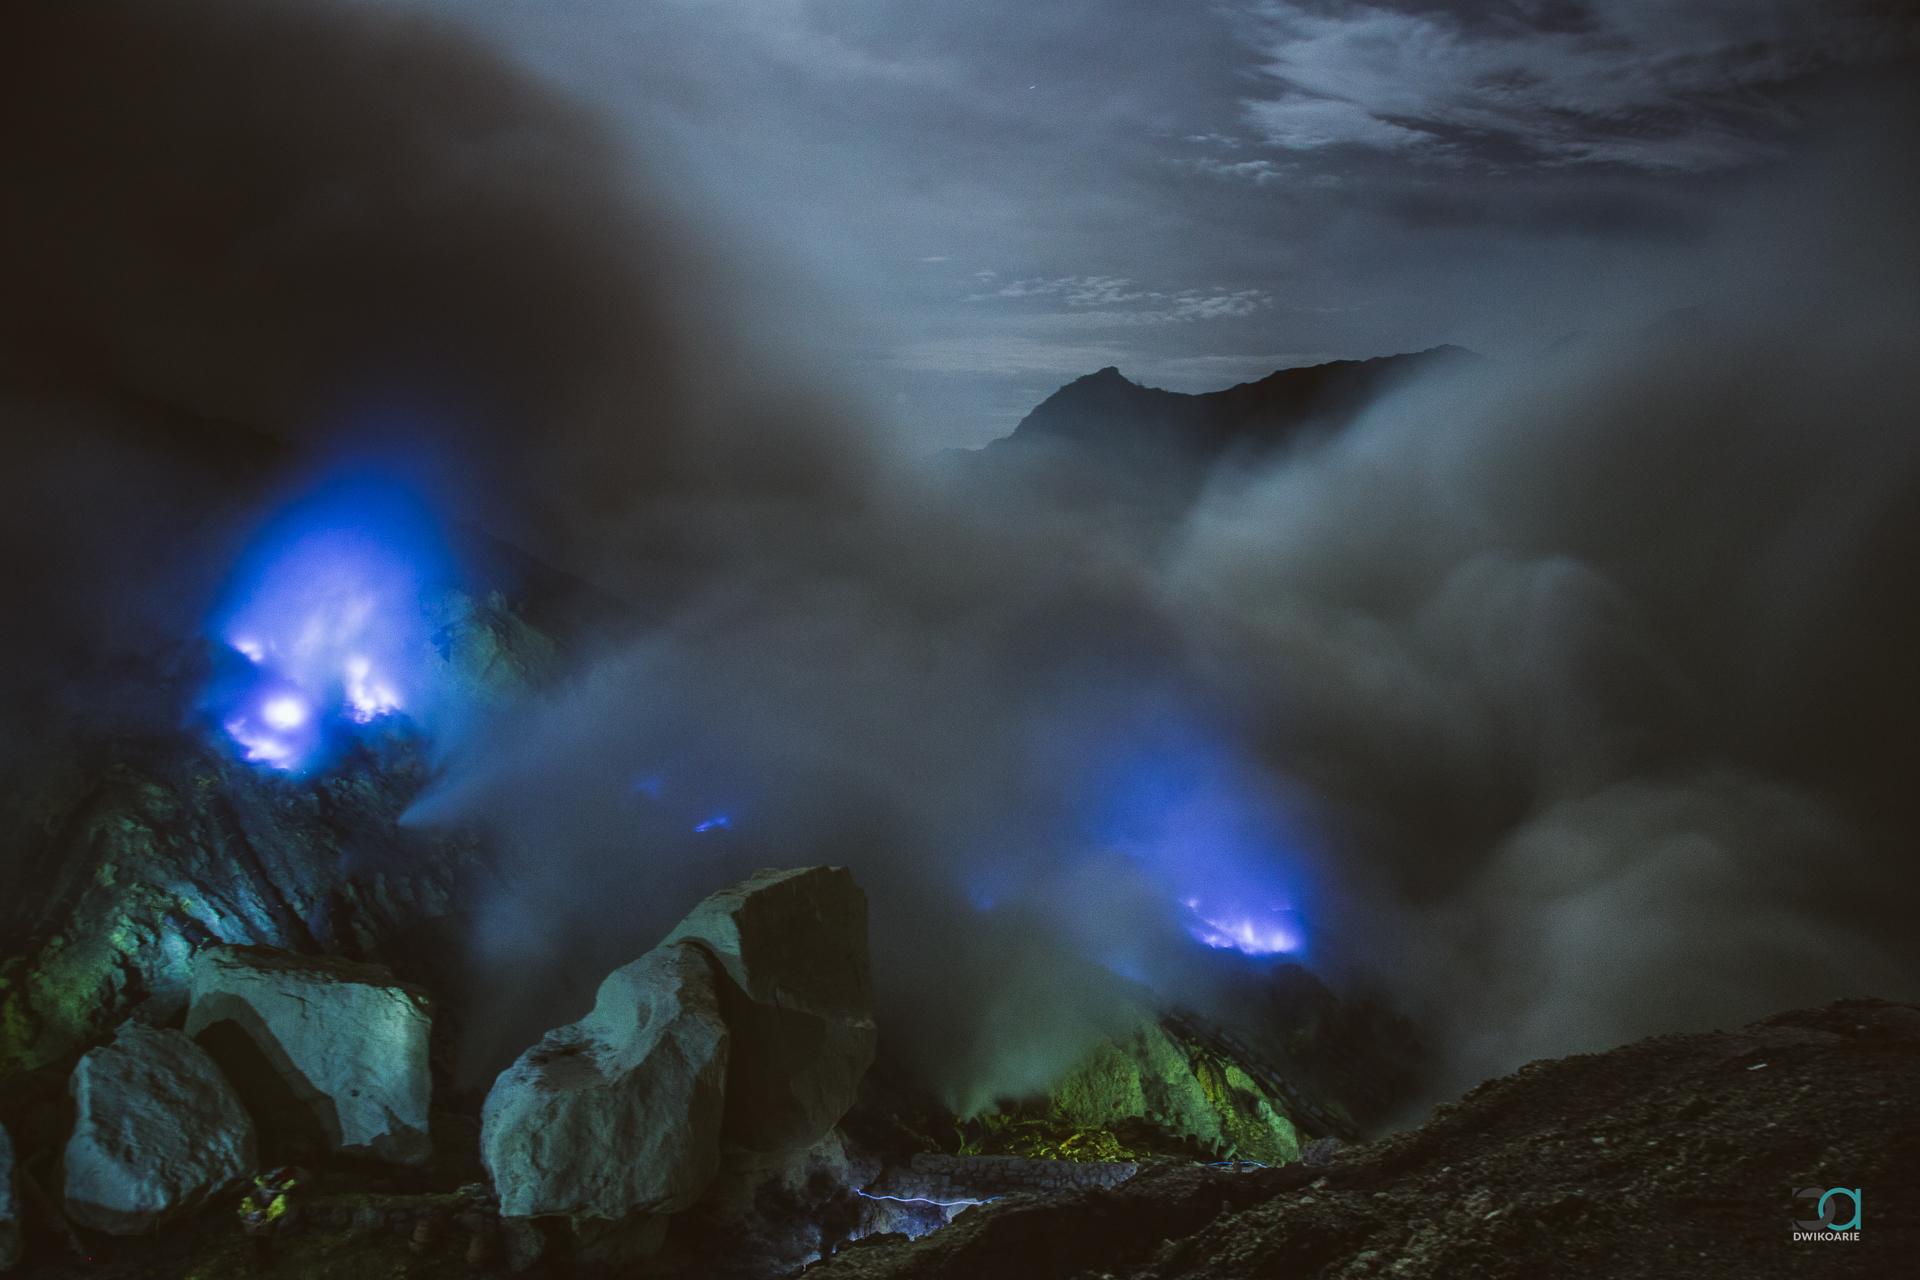 blue-sulphur-flame-kawah-ijen-east-java